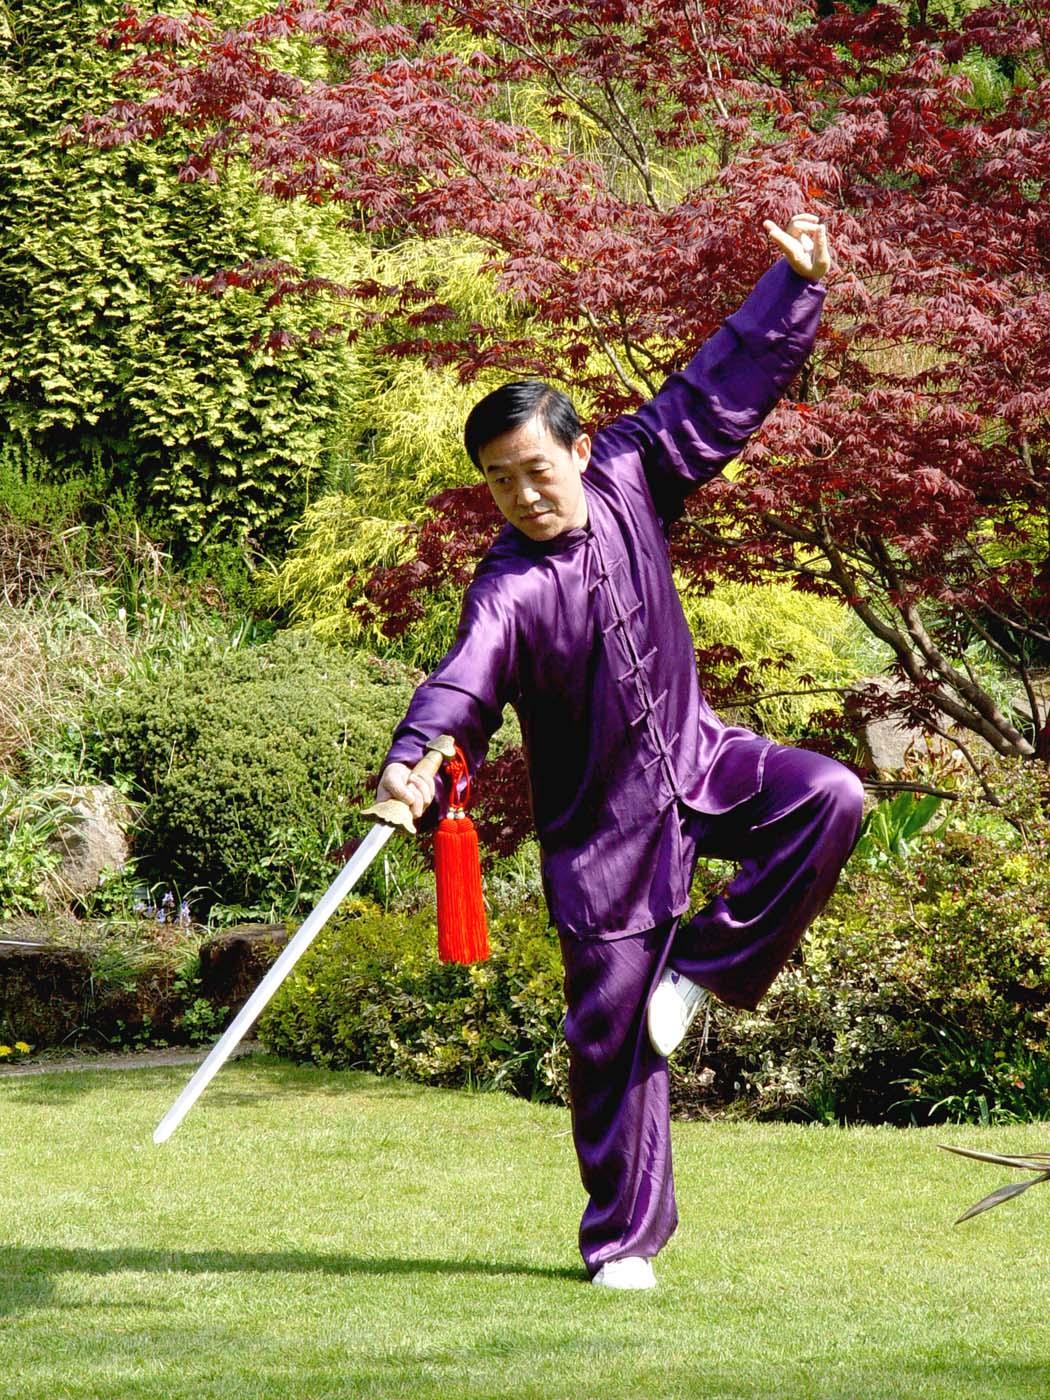 Great Grand Master of Chen-Taijiquan, Chen-Taiji Chen Zhenglei sword Schwert